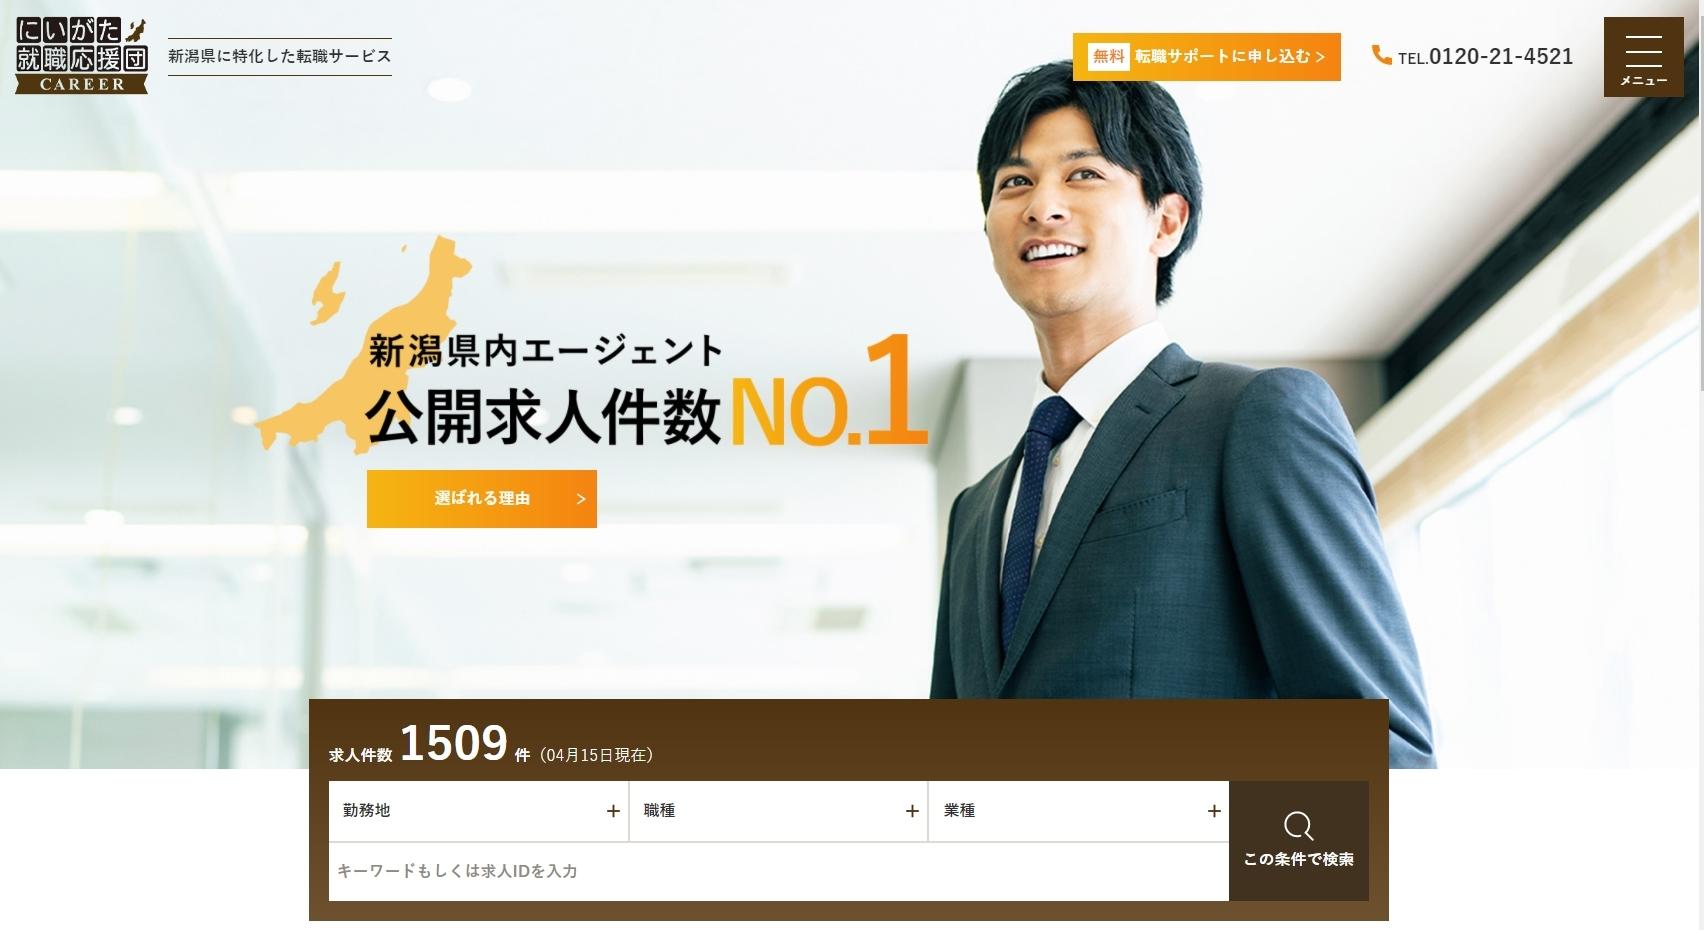 niigata-shushoku-career